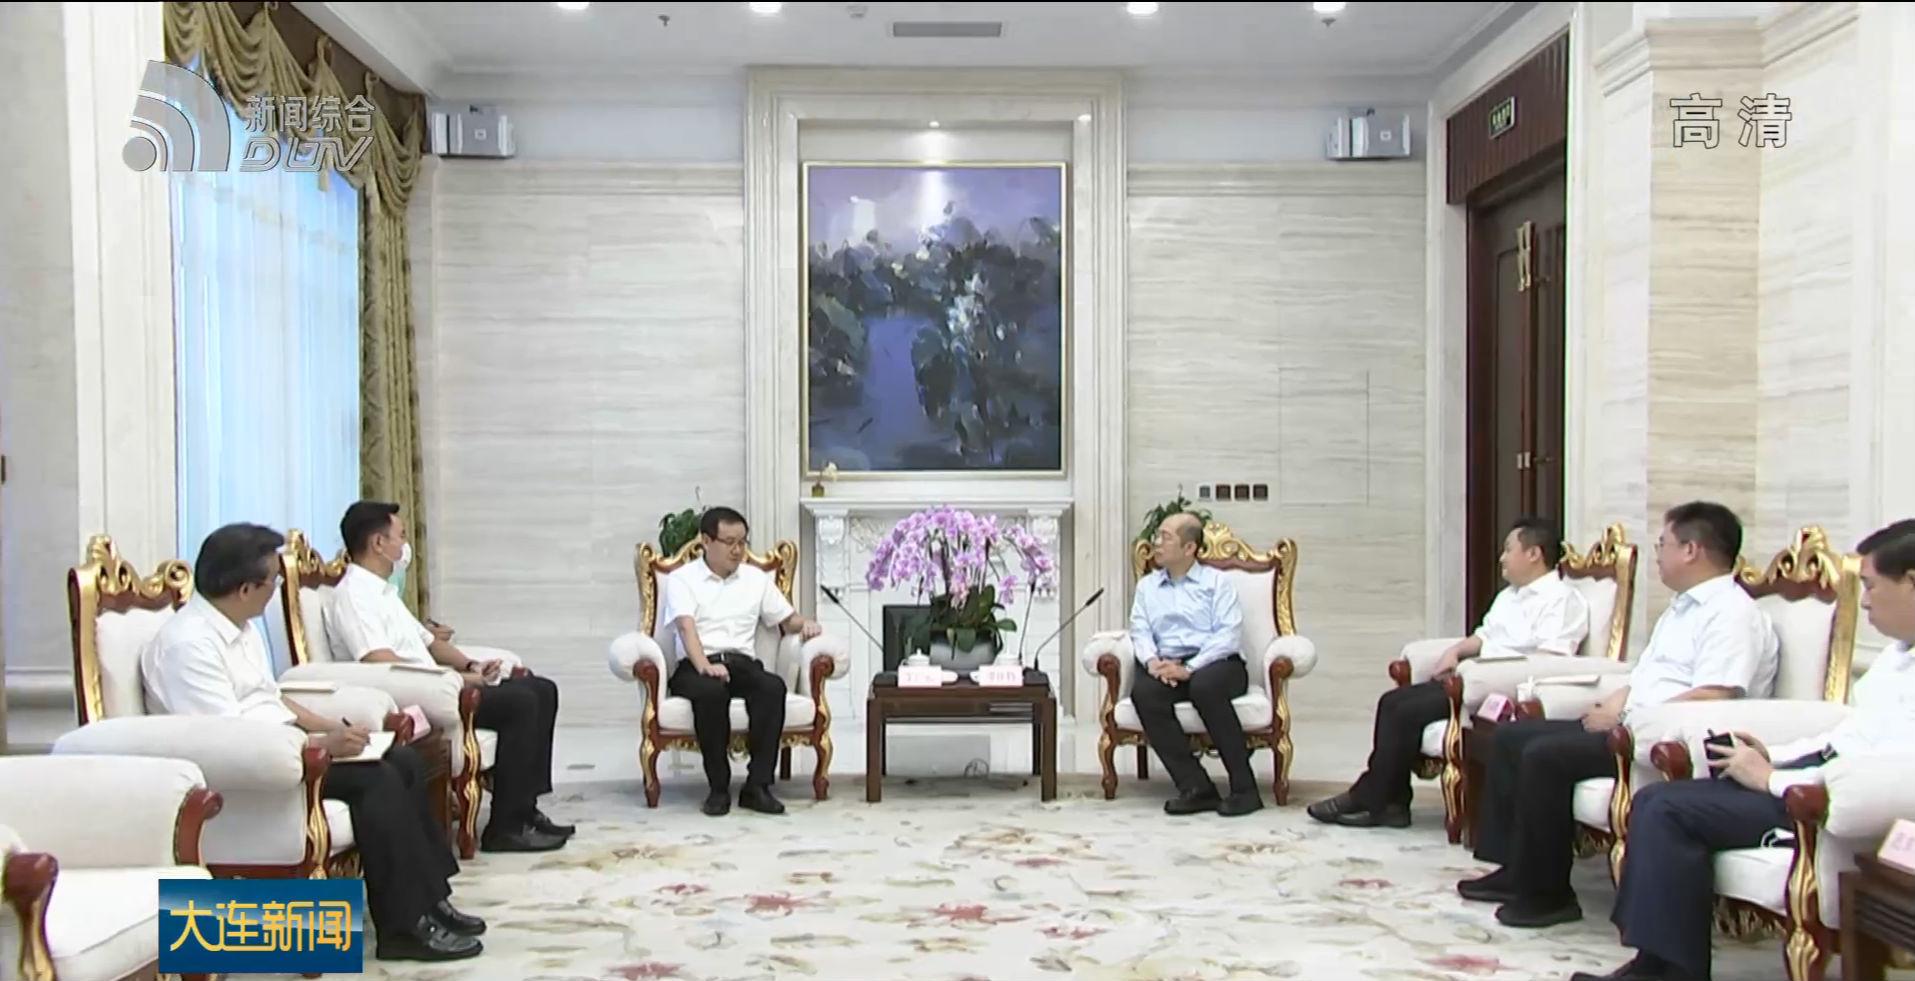 譚作鈞陳紹旺會見英特爾全球副總裁車廣禮